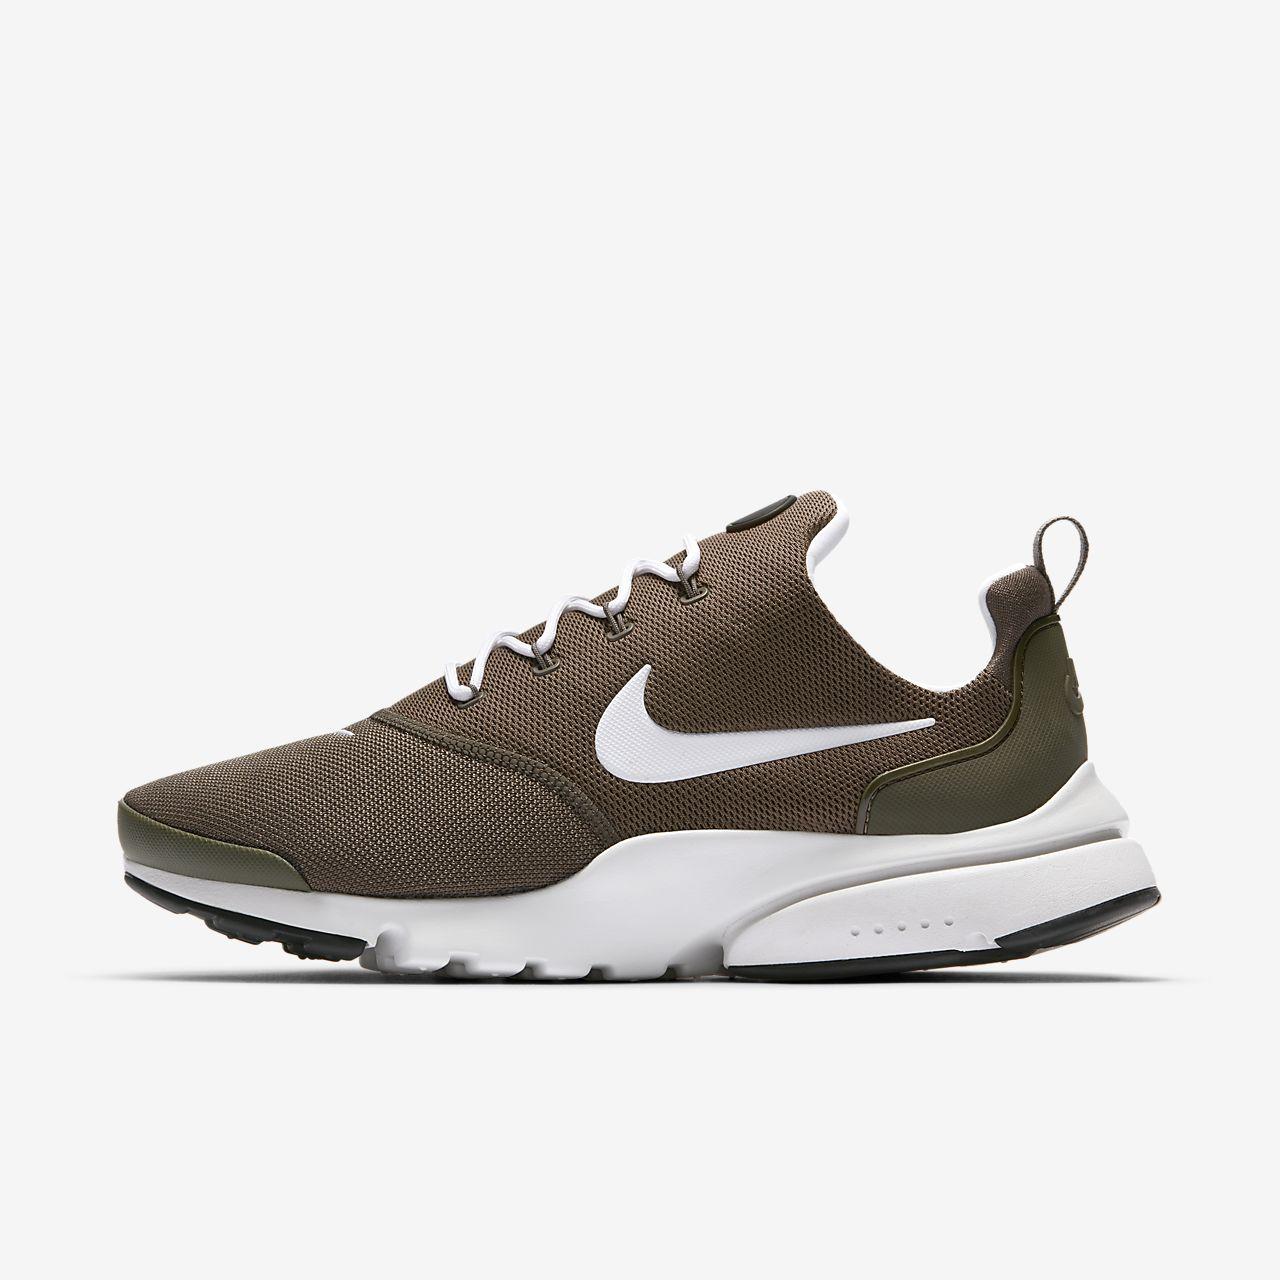 5c26e5444e55 Buty męskie Nike Presto Fly. Nike.com PL